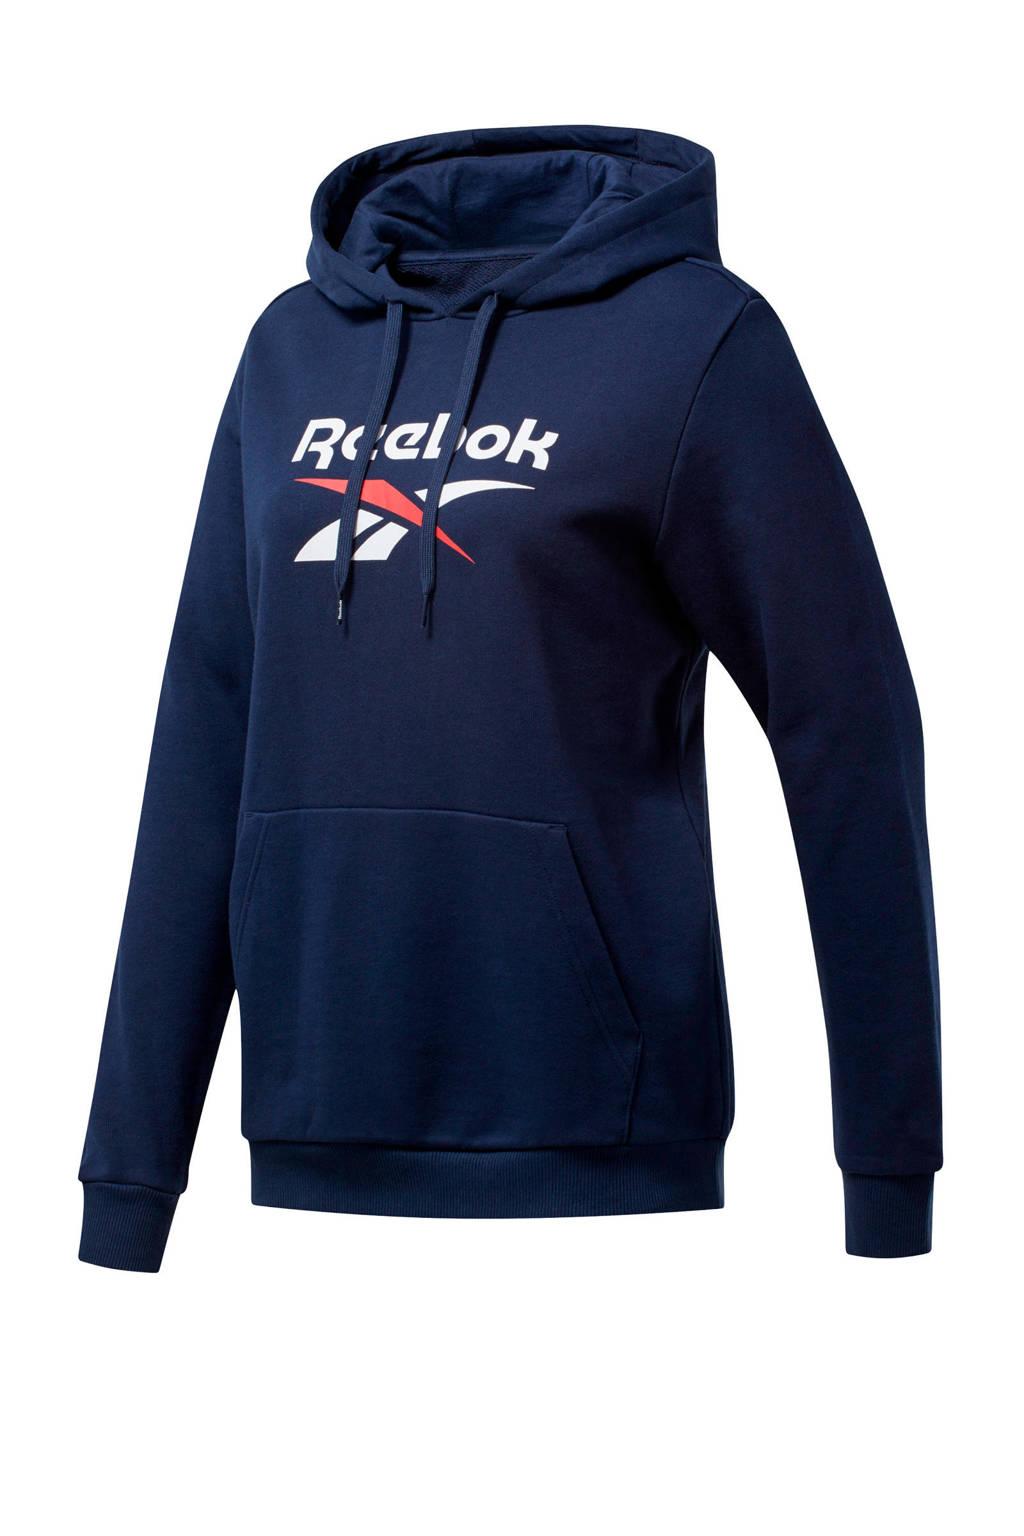 Reebok Classics hoodie donkerblauw, Donkerblauw